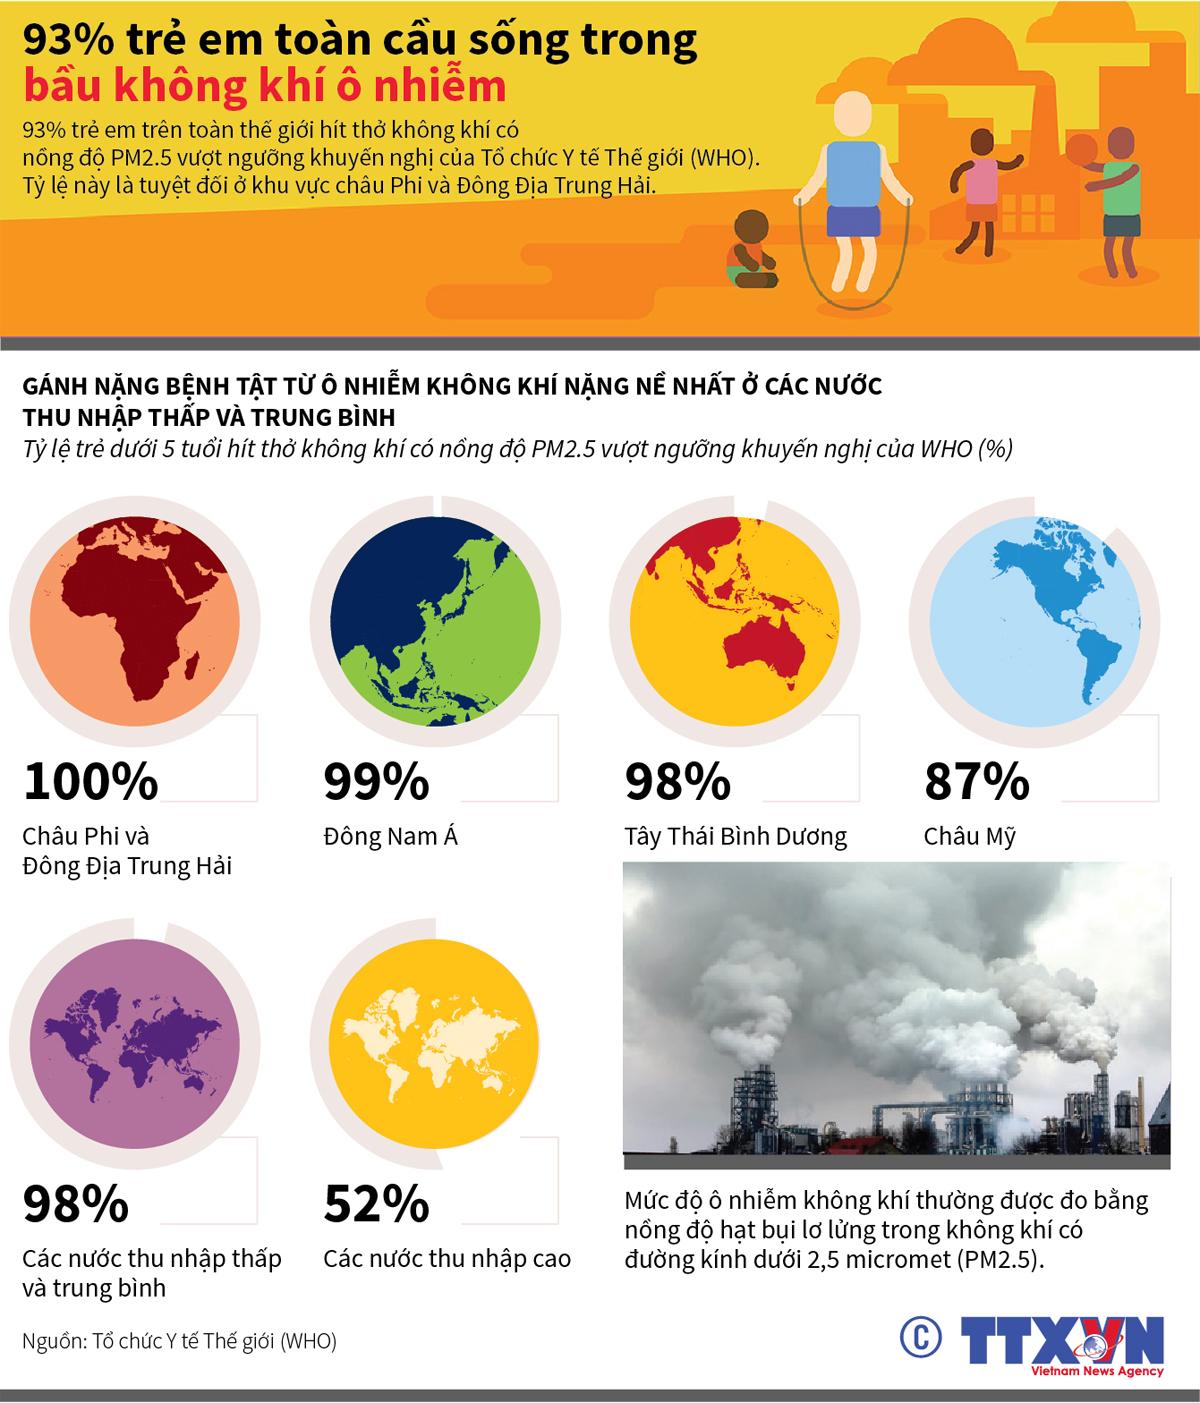 văn hóa-xã hội, trẻ em toàn cầu, không khí ô nhiễm, ô nhiễm môi trường